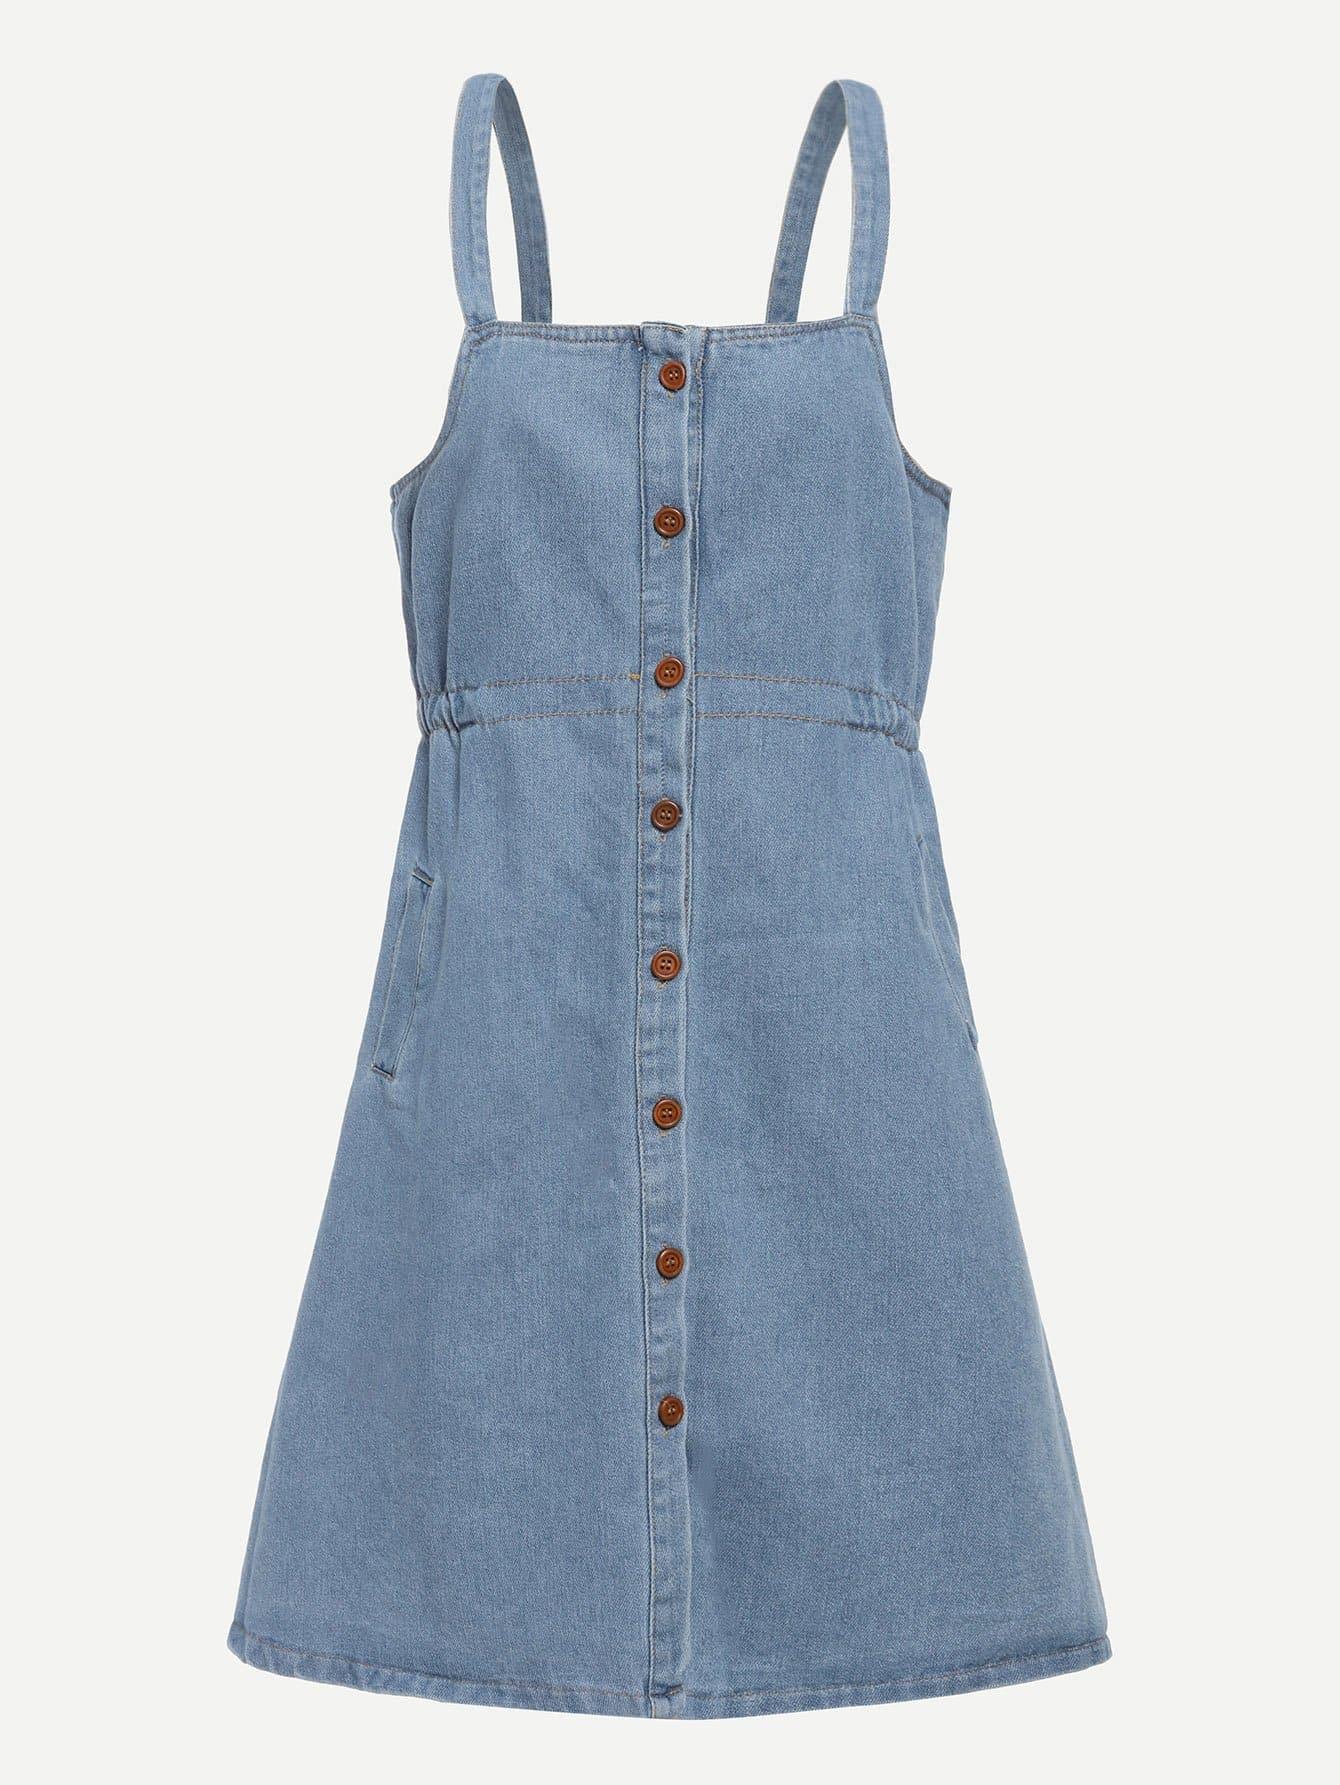 Купить Джинсовое платье с украшением пуговицы, null, SheIn